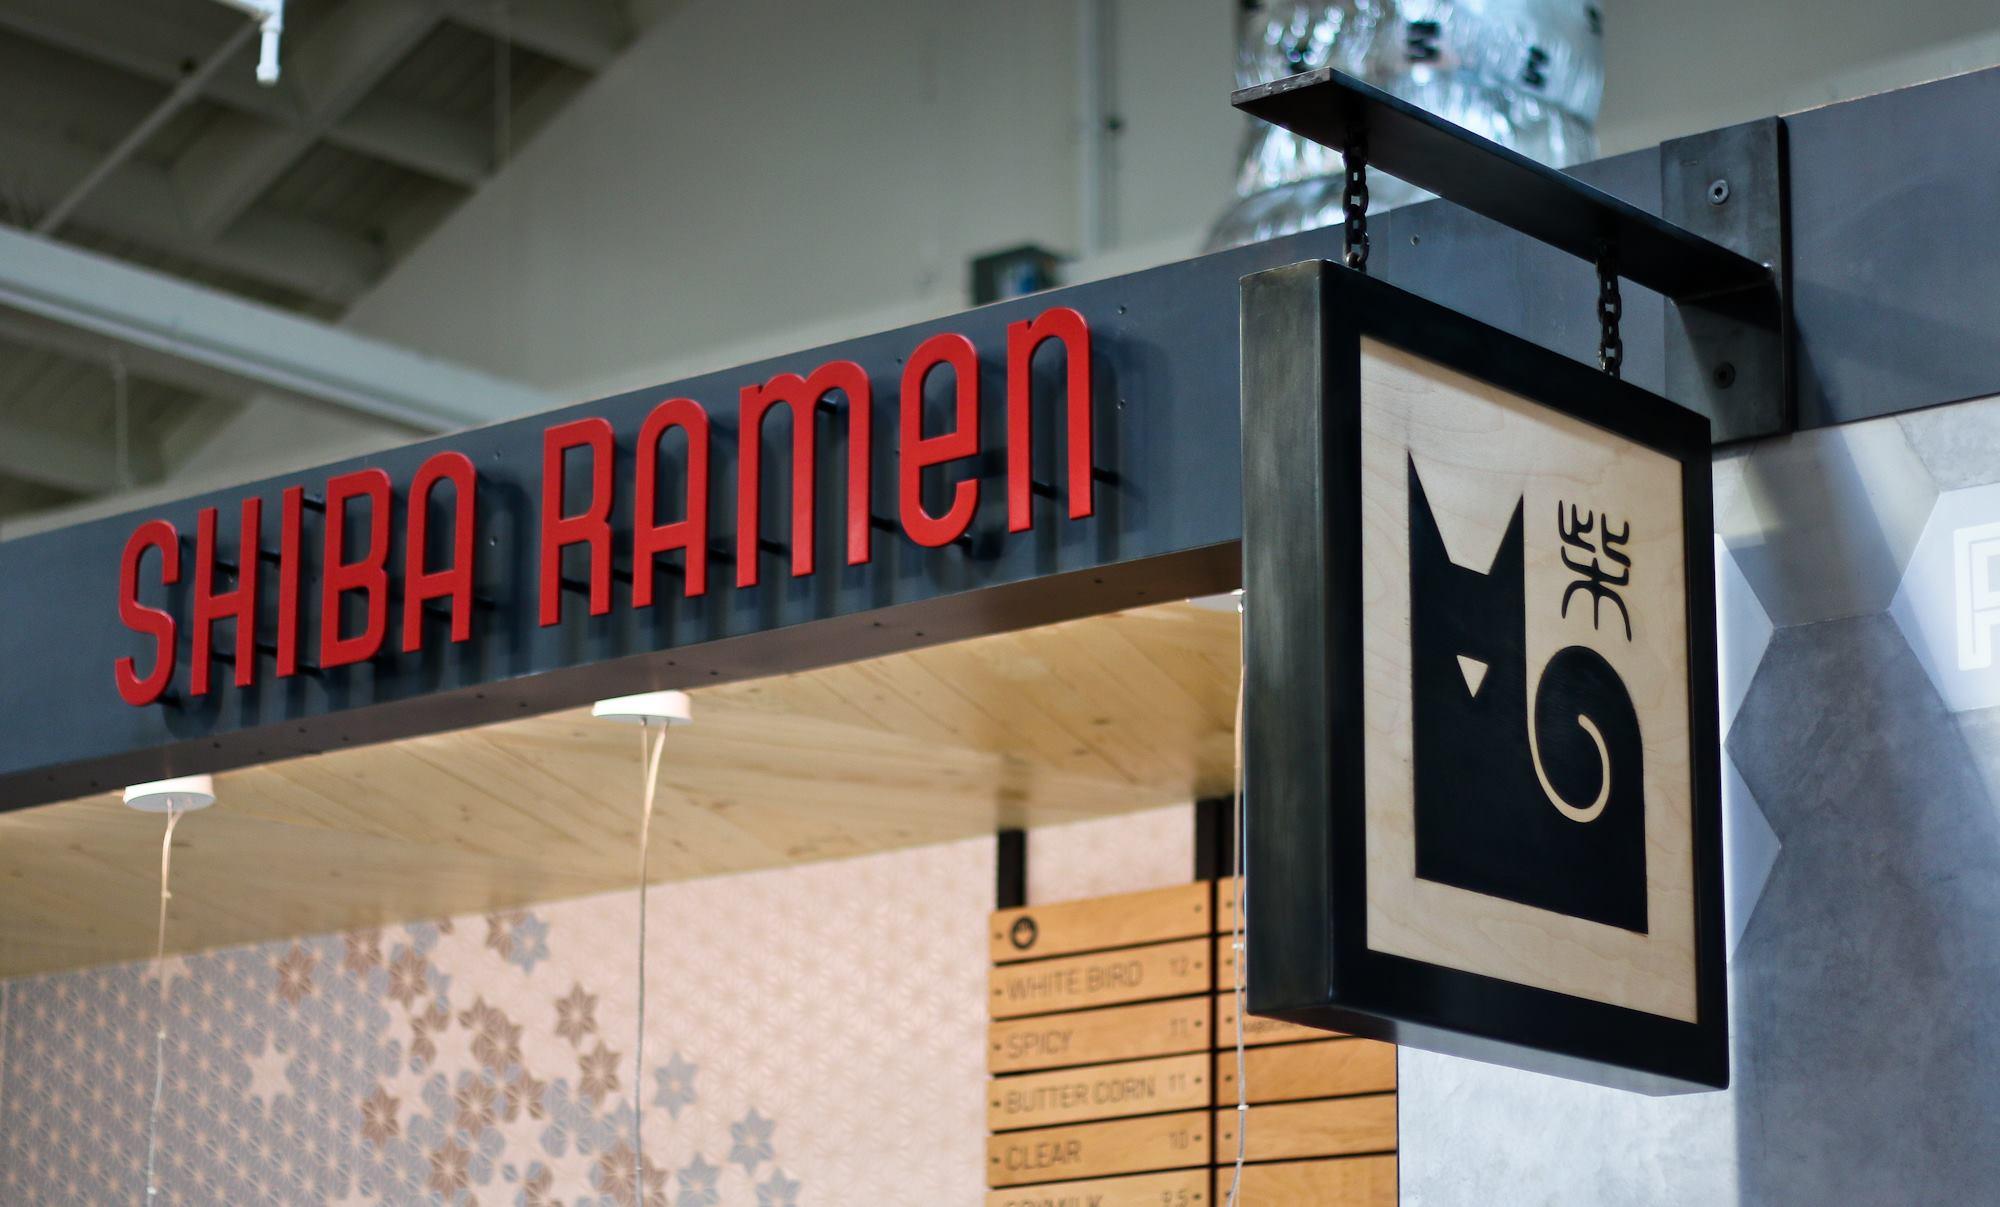 Shiba Ramen's Emeryville kiosk